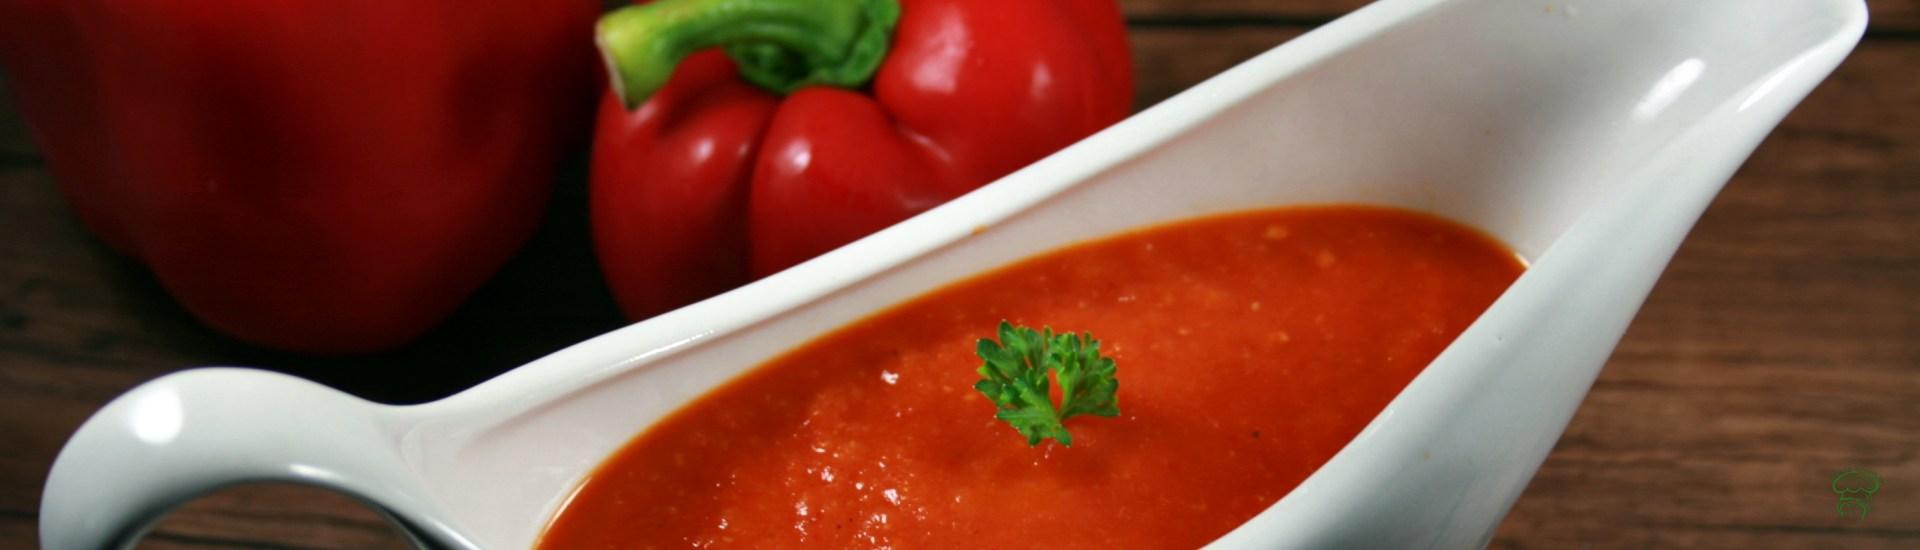 Sauce aux poivrons grillés